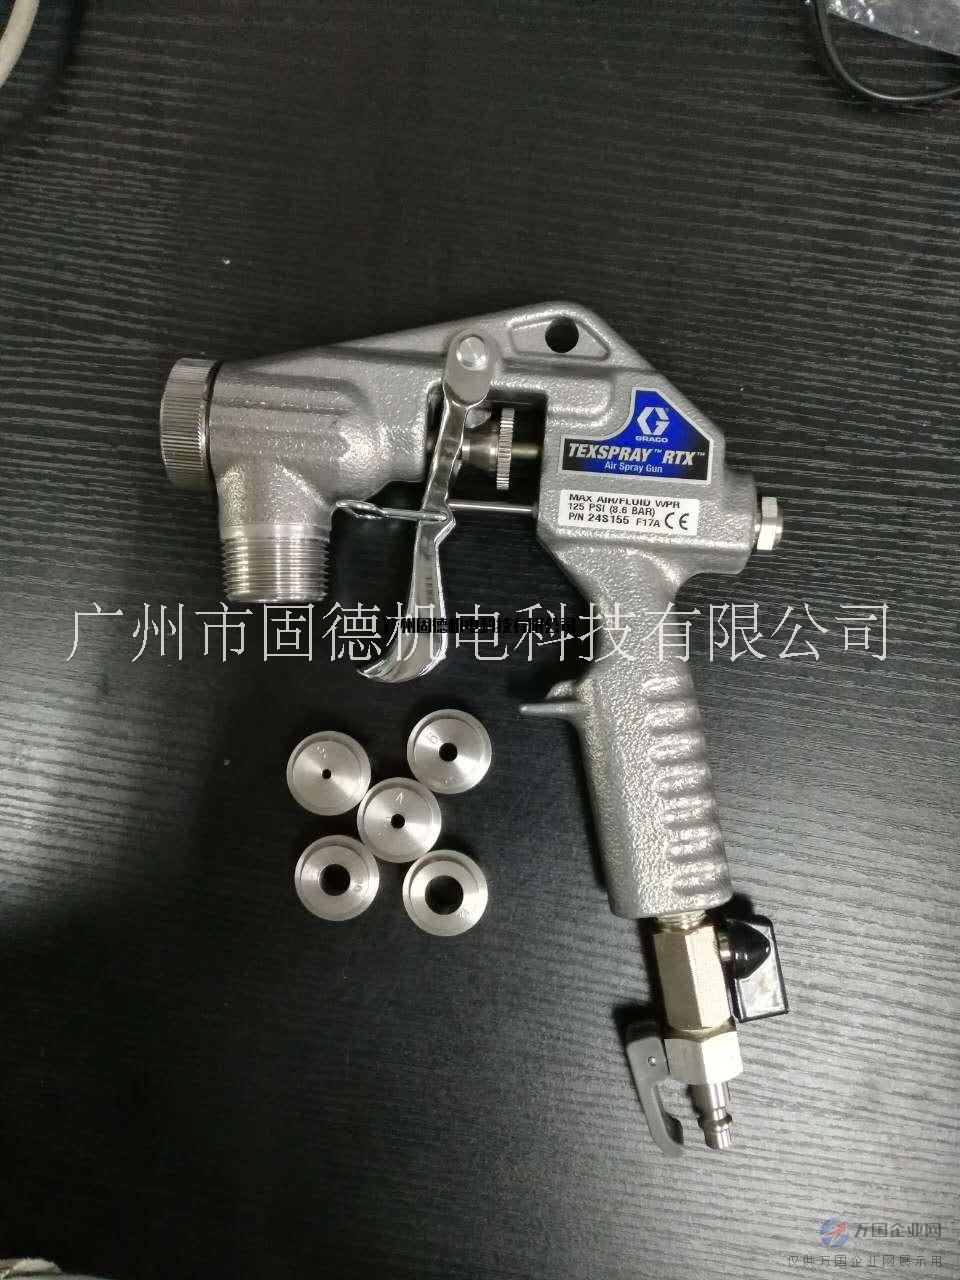 固瑞克原装进口真石漆喷枪RTX1500